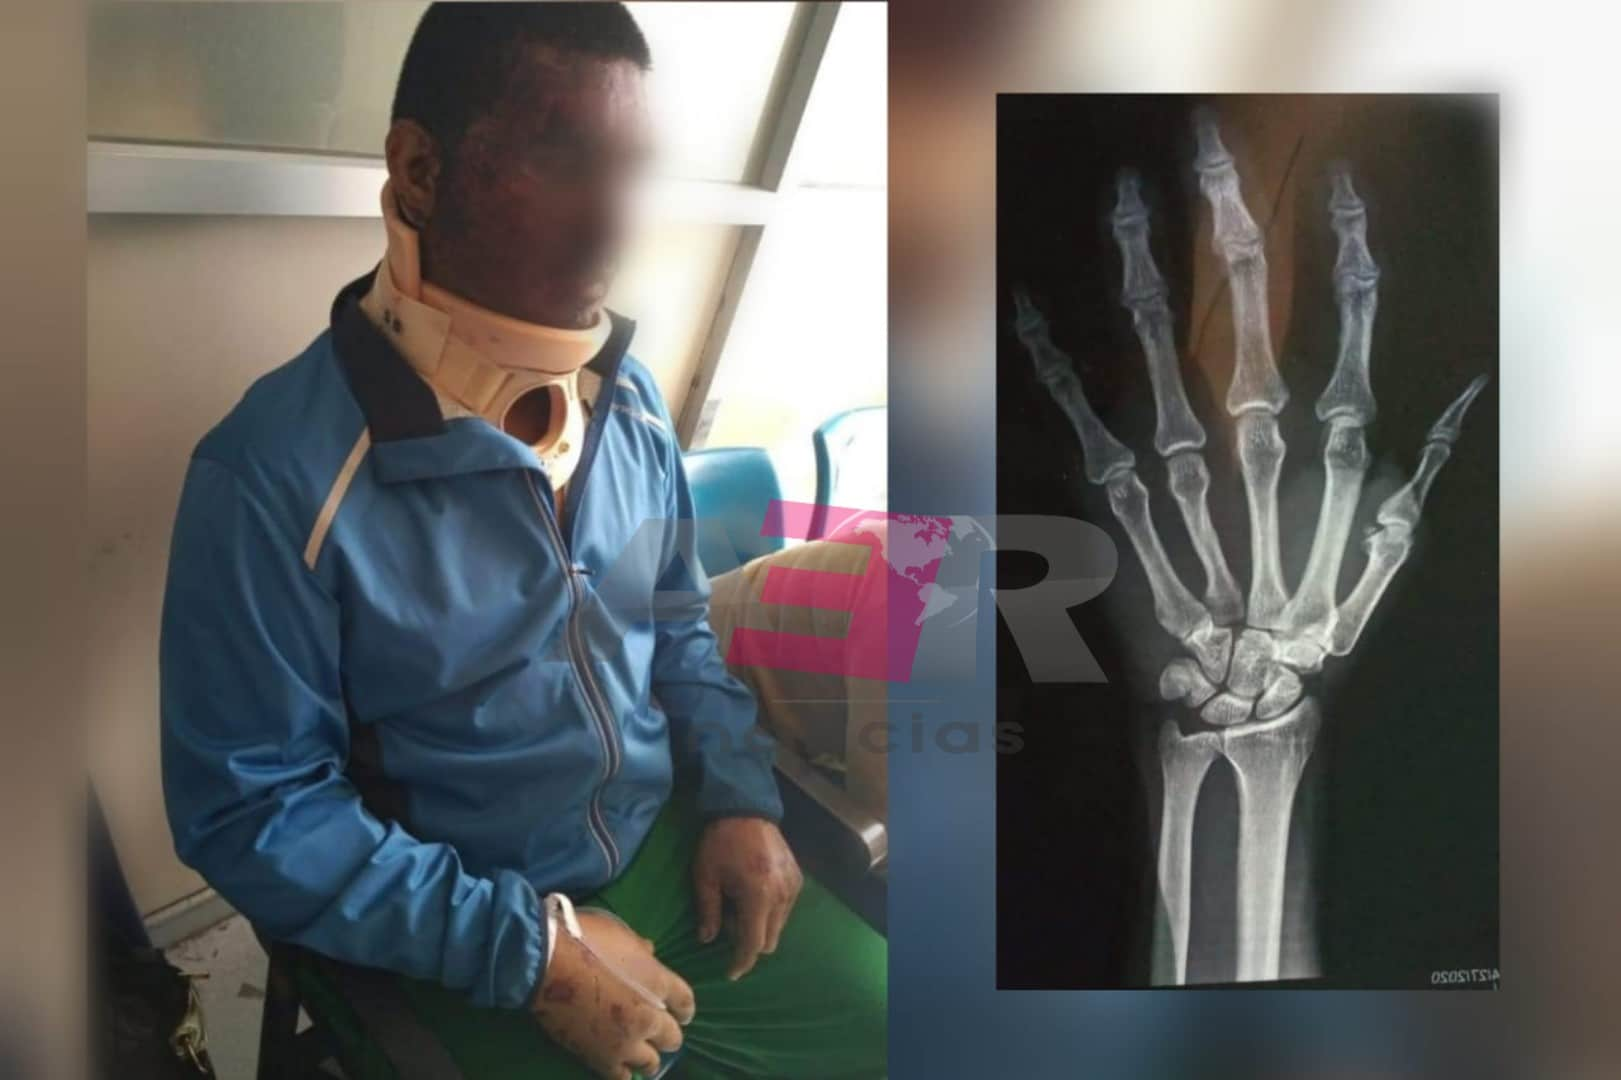 Niegan atención médica en el IMSS a motociclista accidentado; grave. 3